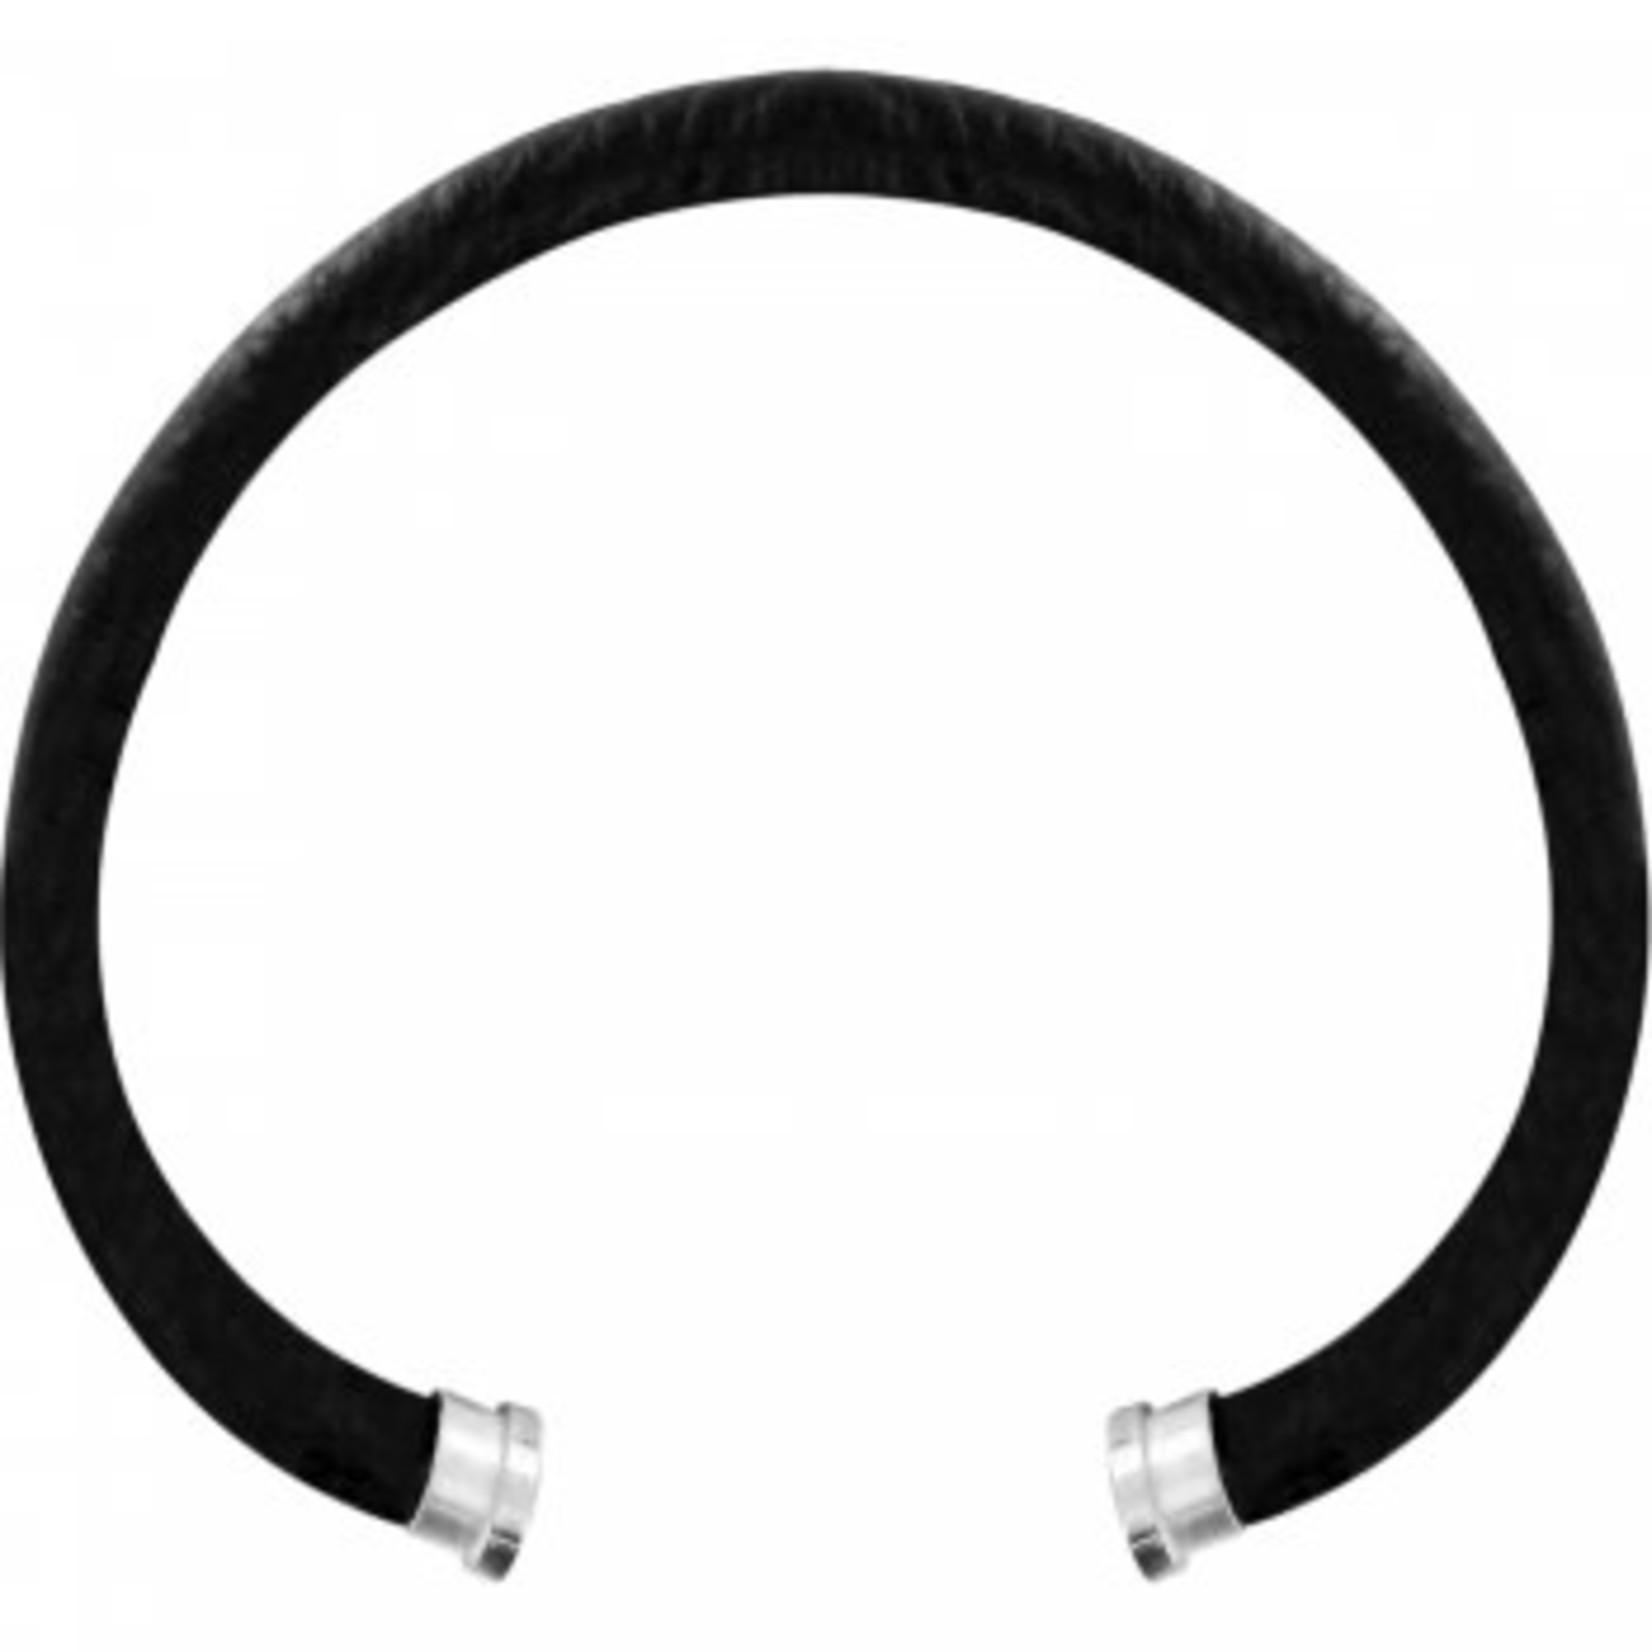 Brighton Color Clique Leather Cord in Black M/L